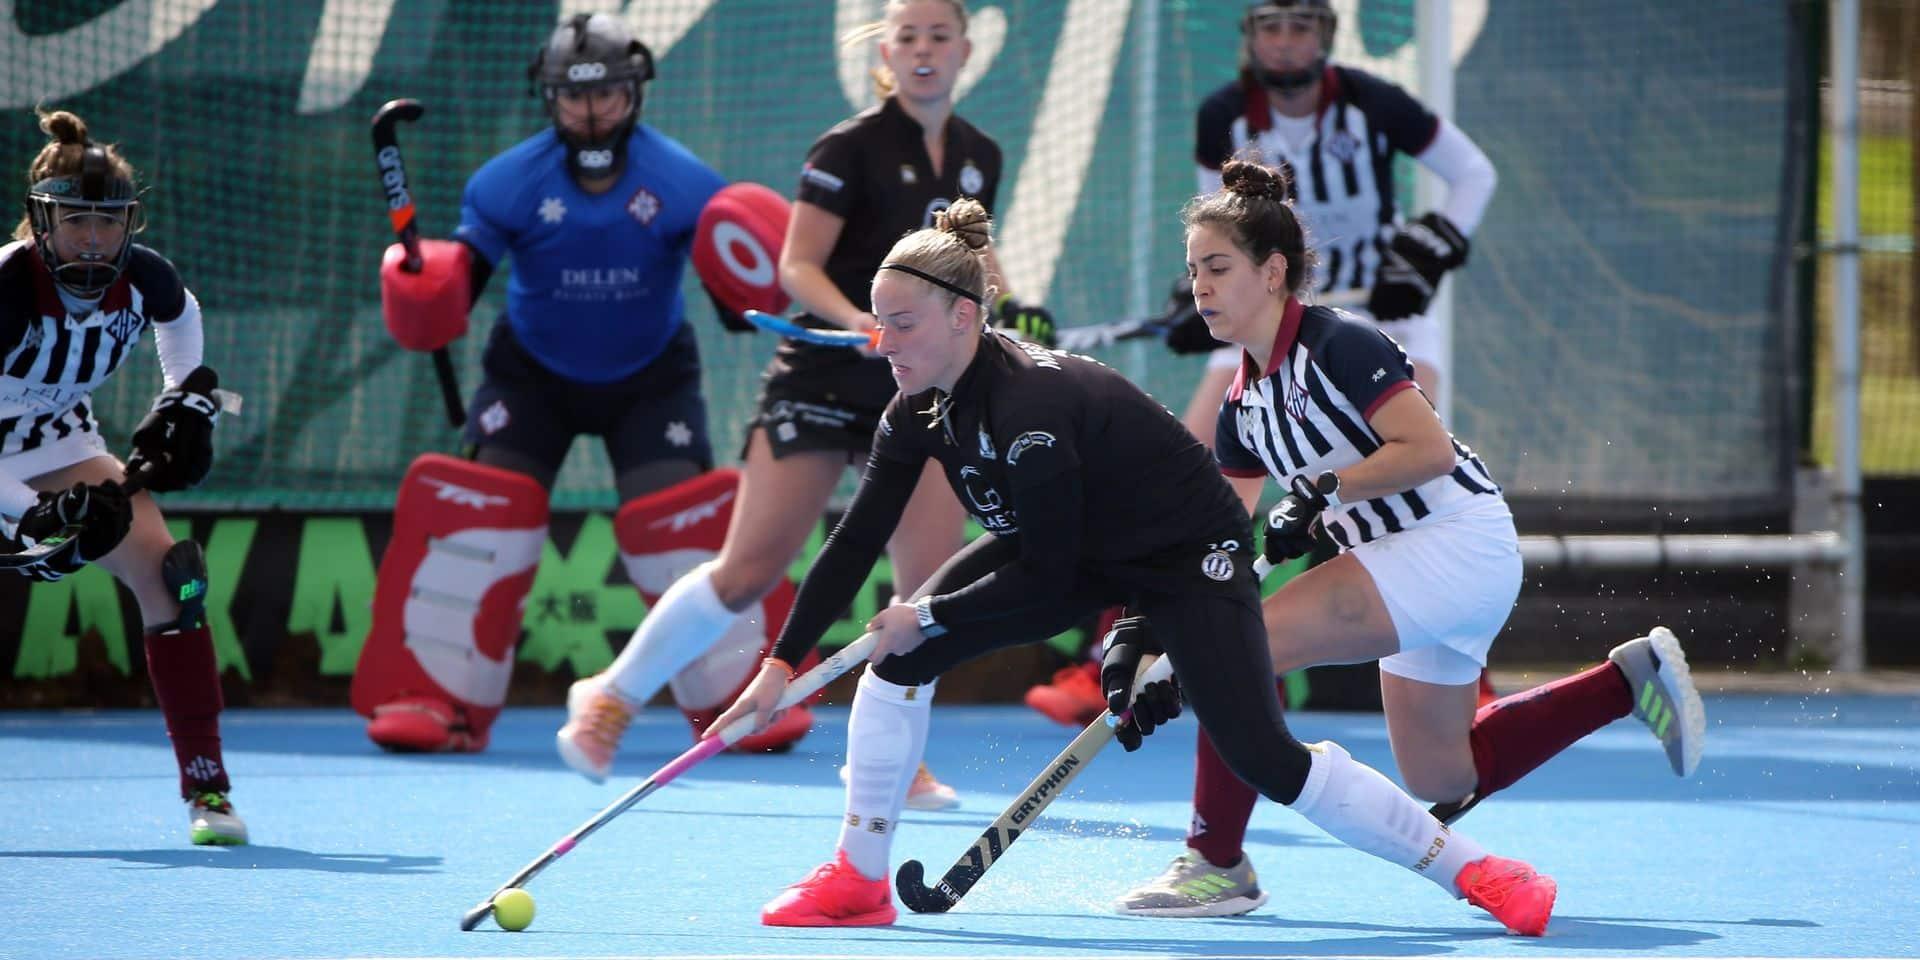 Hockey Dames : à nouveau des surprises et cette fois-ci deux décisions